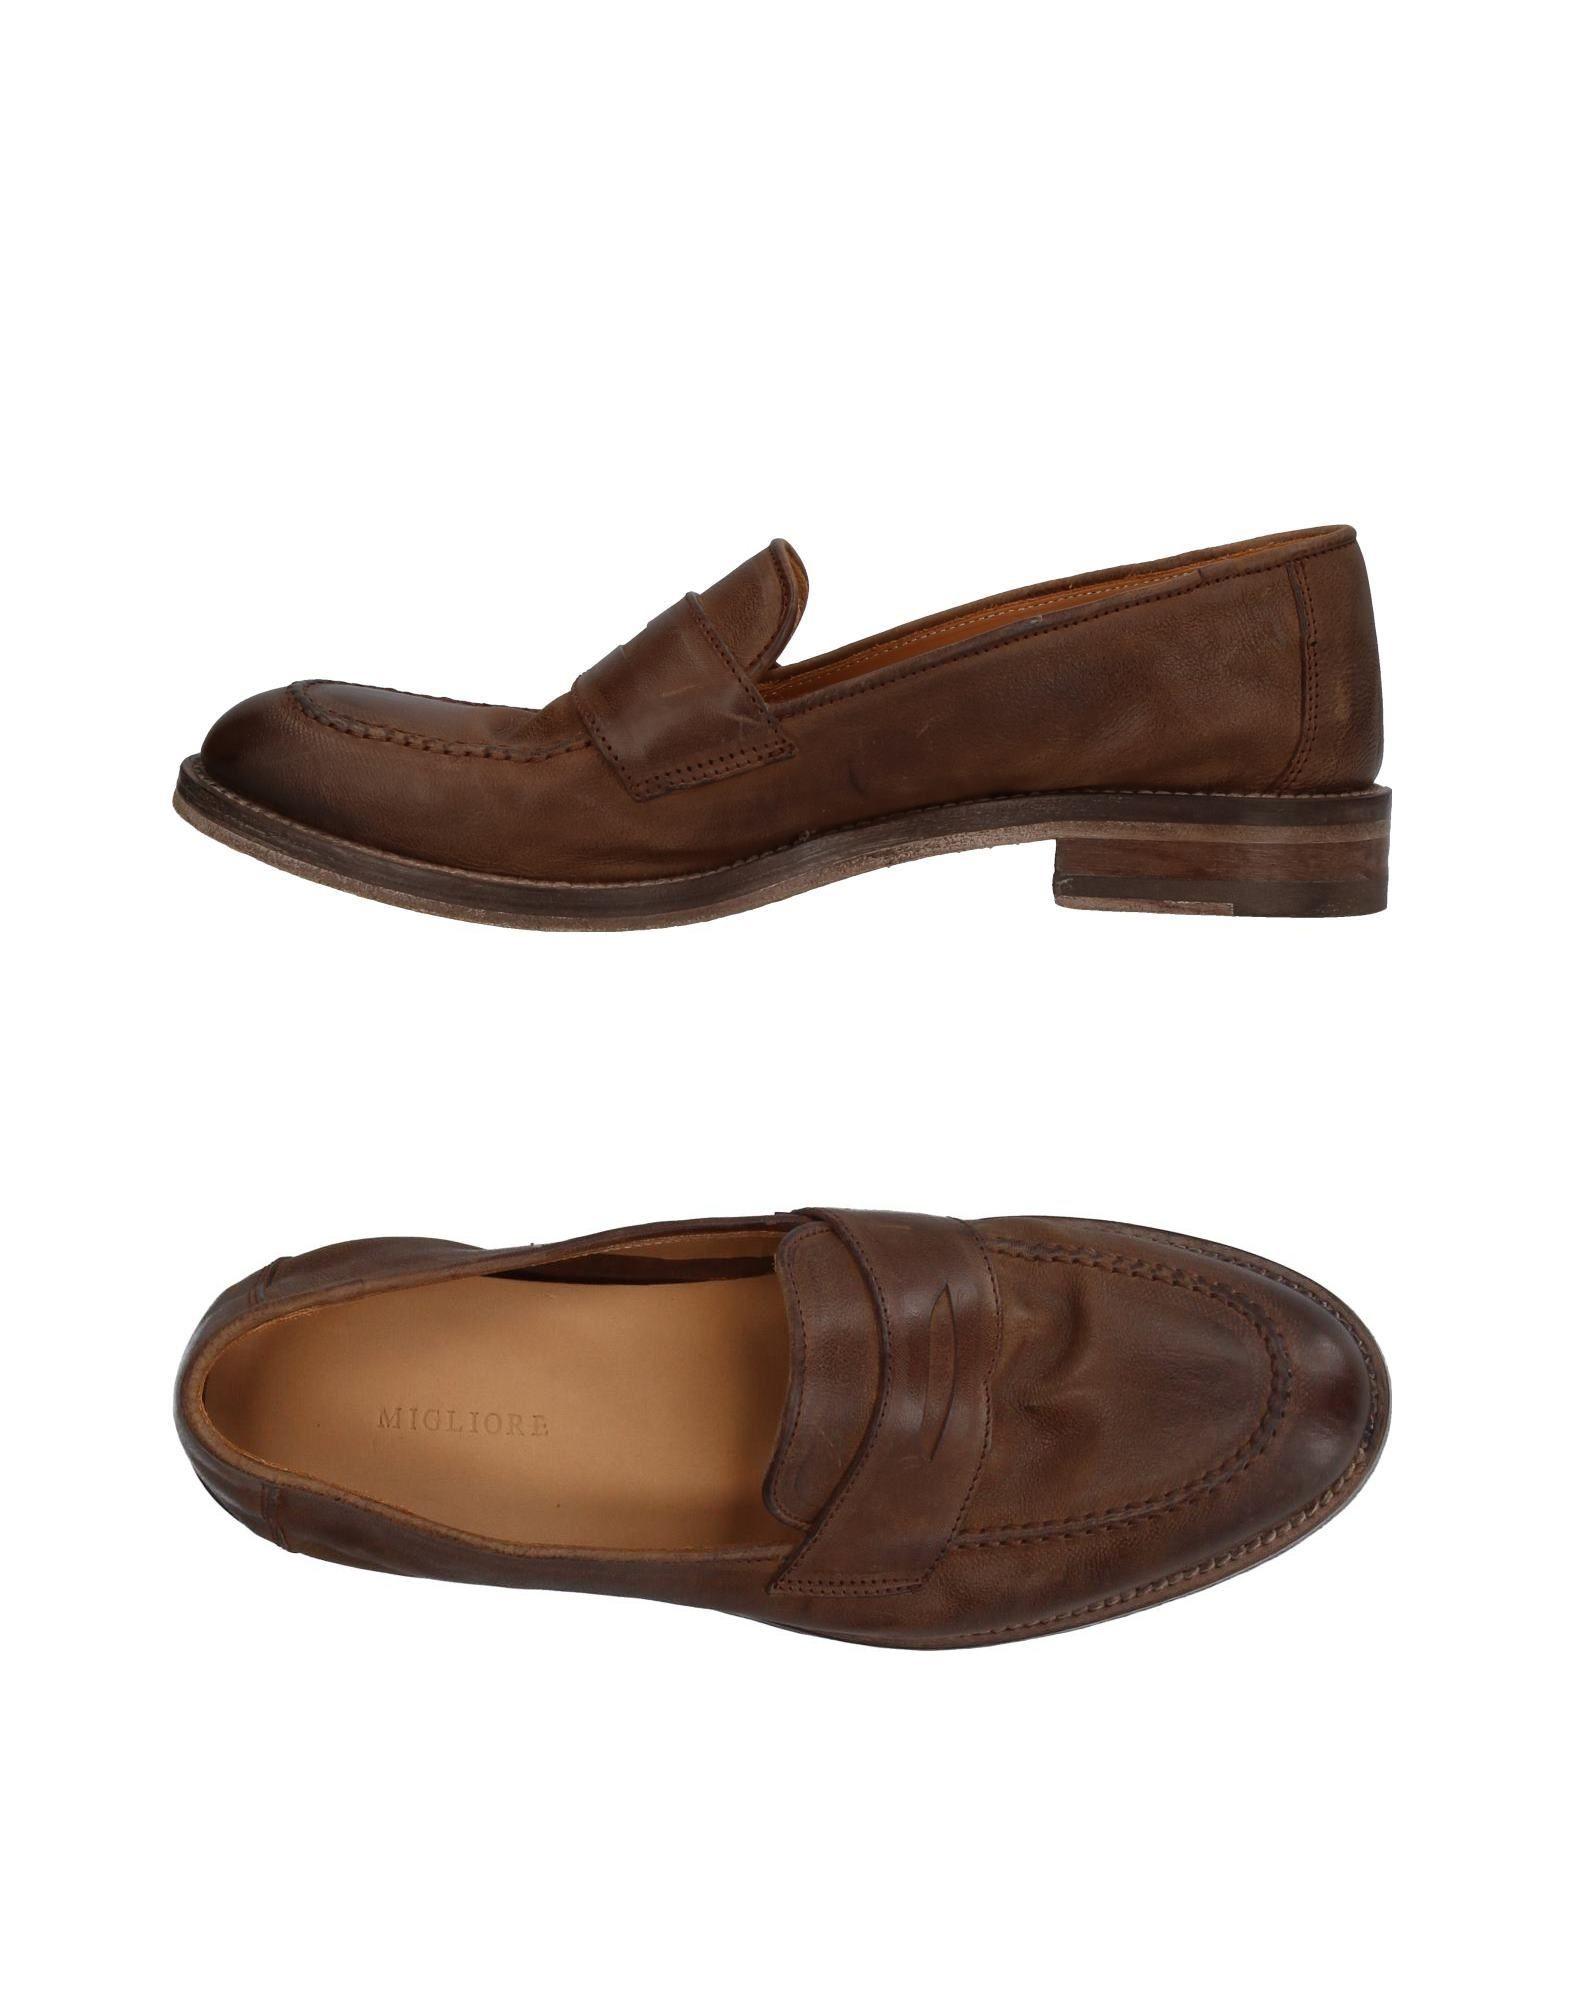 Günstige und modische Schuhe Migliore Mokassins Damen  11377024ID